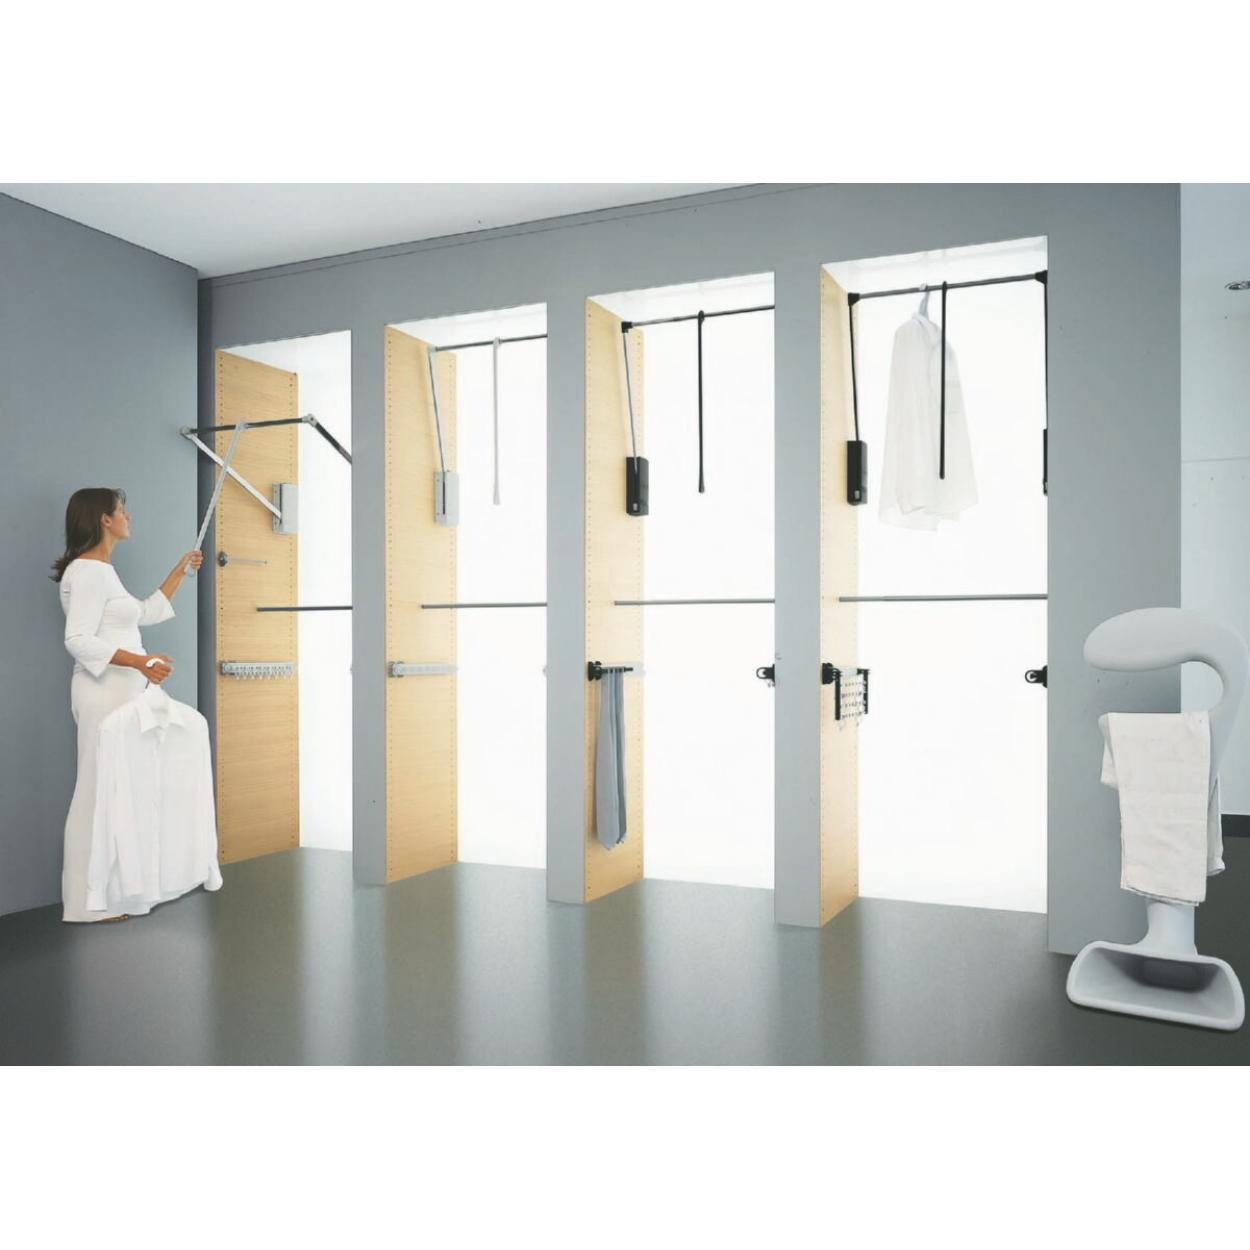 Лифт SERVETTO для одежды 60-120 см с нагрузкой до 10 кг. серый